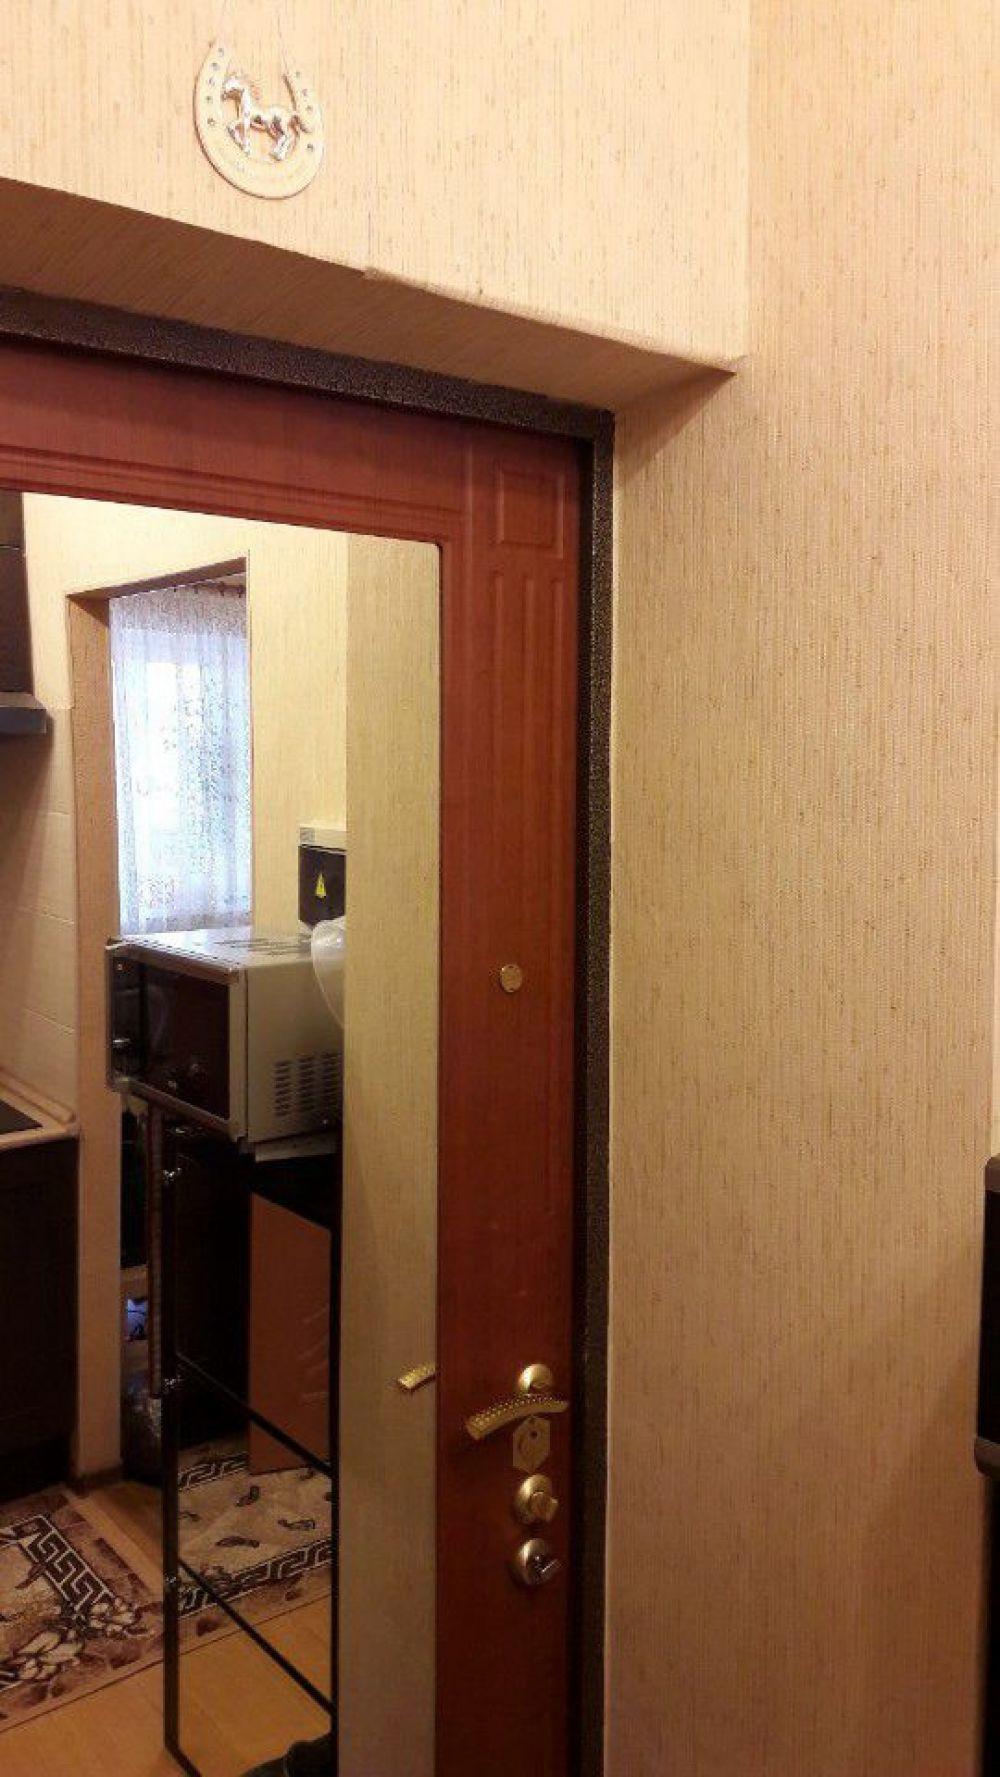 1-комнатная квартира п.Свердловский ЖК Свердловский ул.Народного Ополчения д.3, фото 8